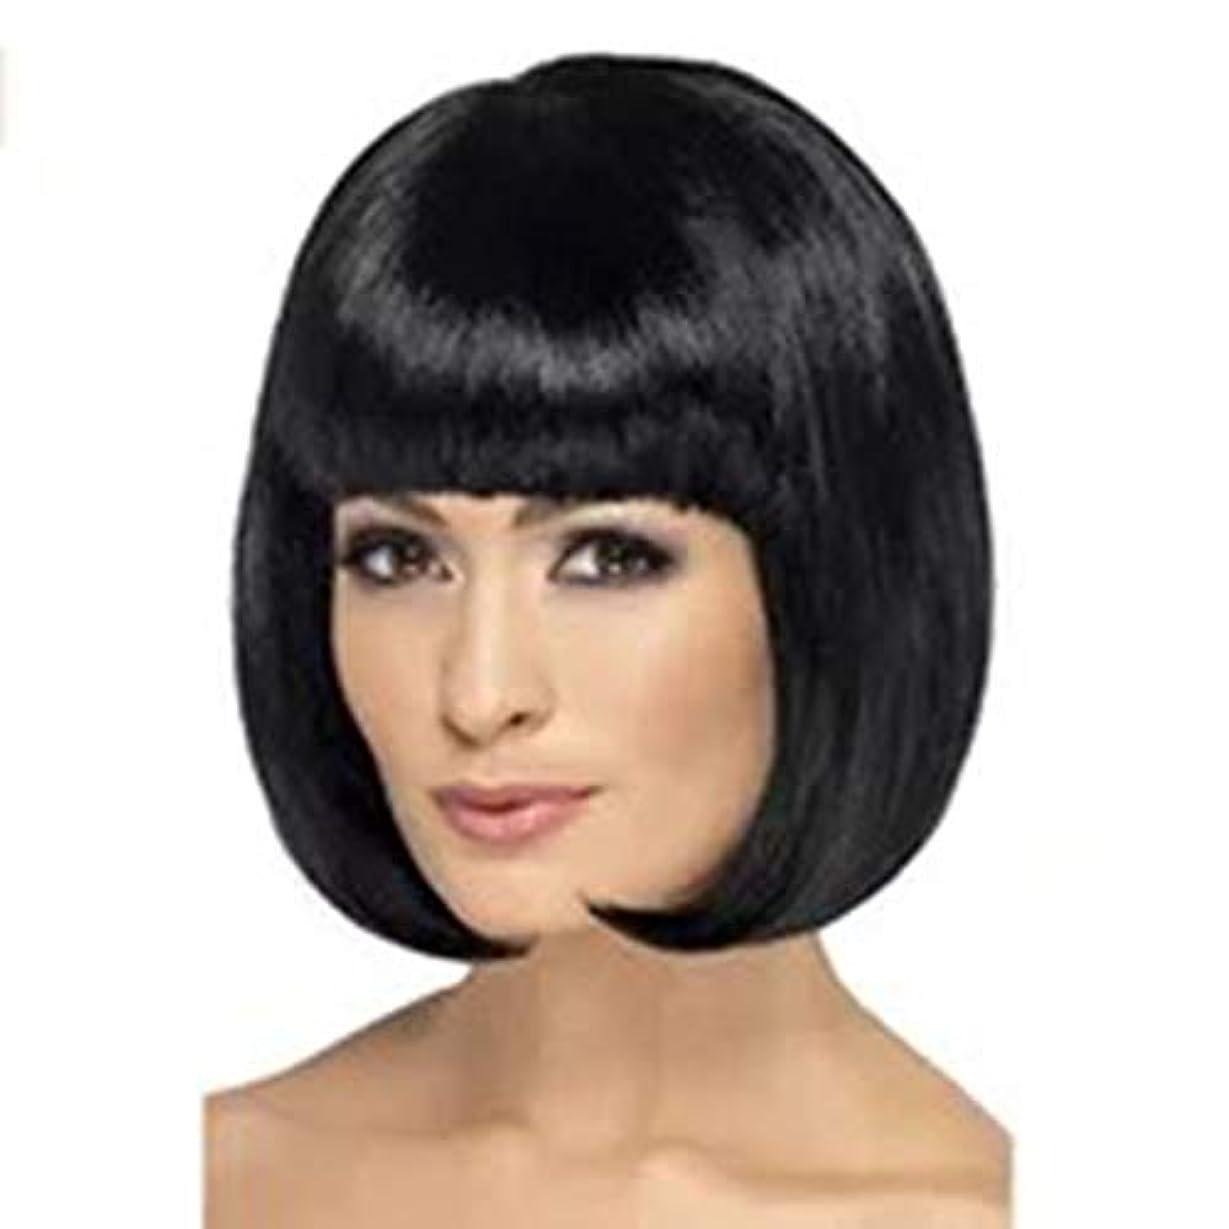 北極圏道徳の未知のKerwinner ボブかつら女性のための平らな前髪ふわふわ自然耐熱交換かつら完全な合成かつら